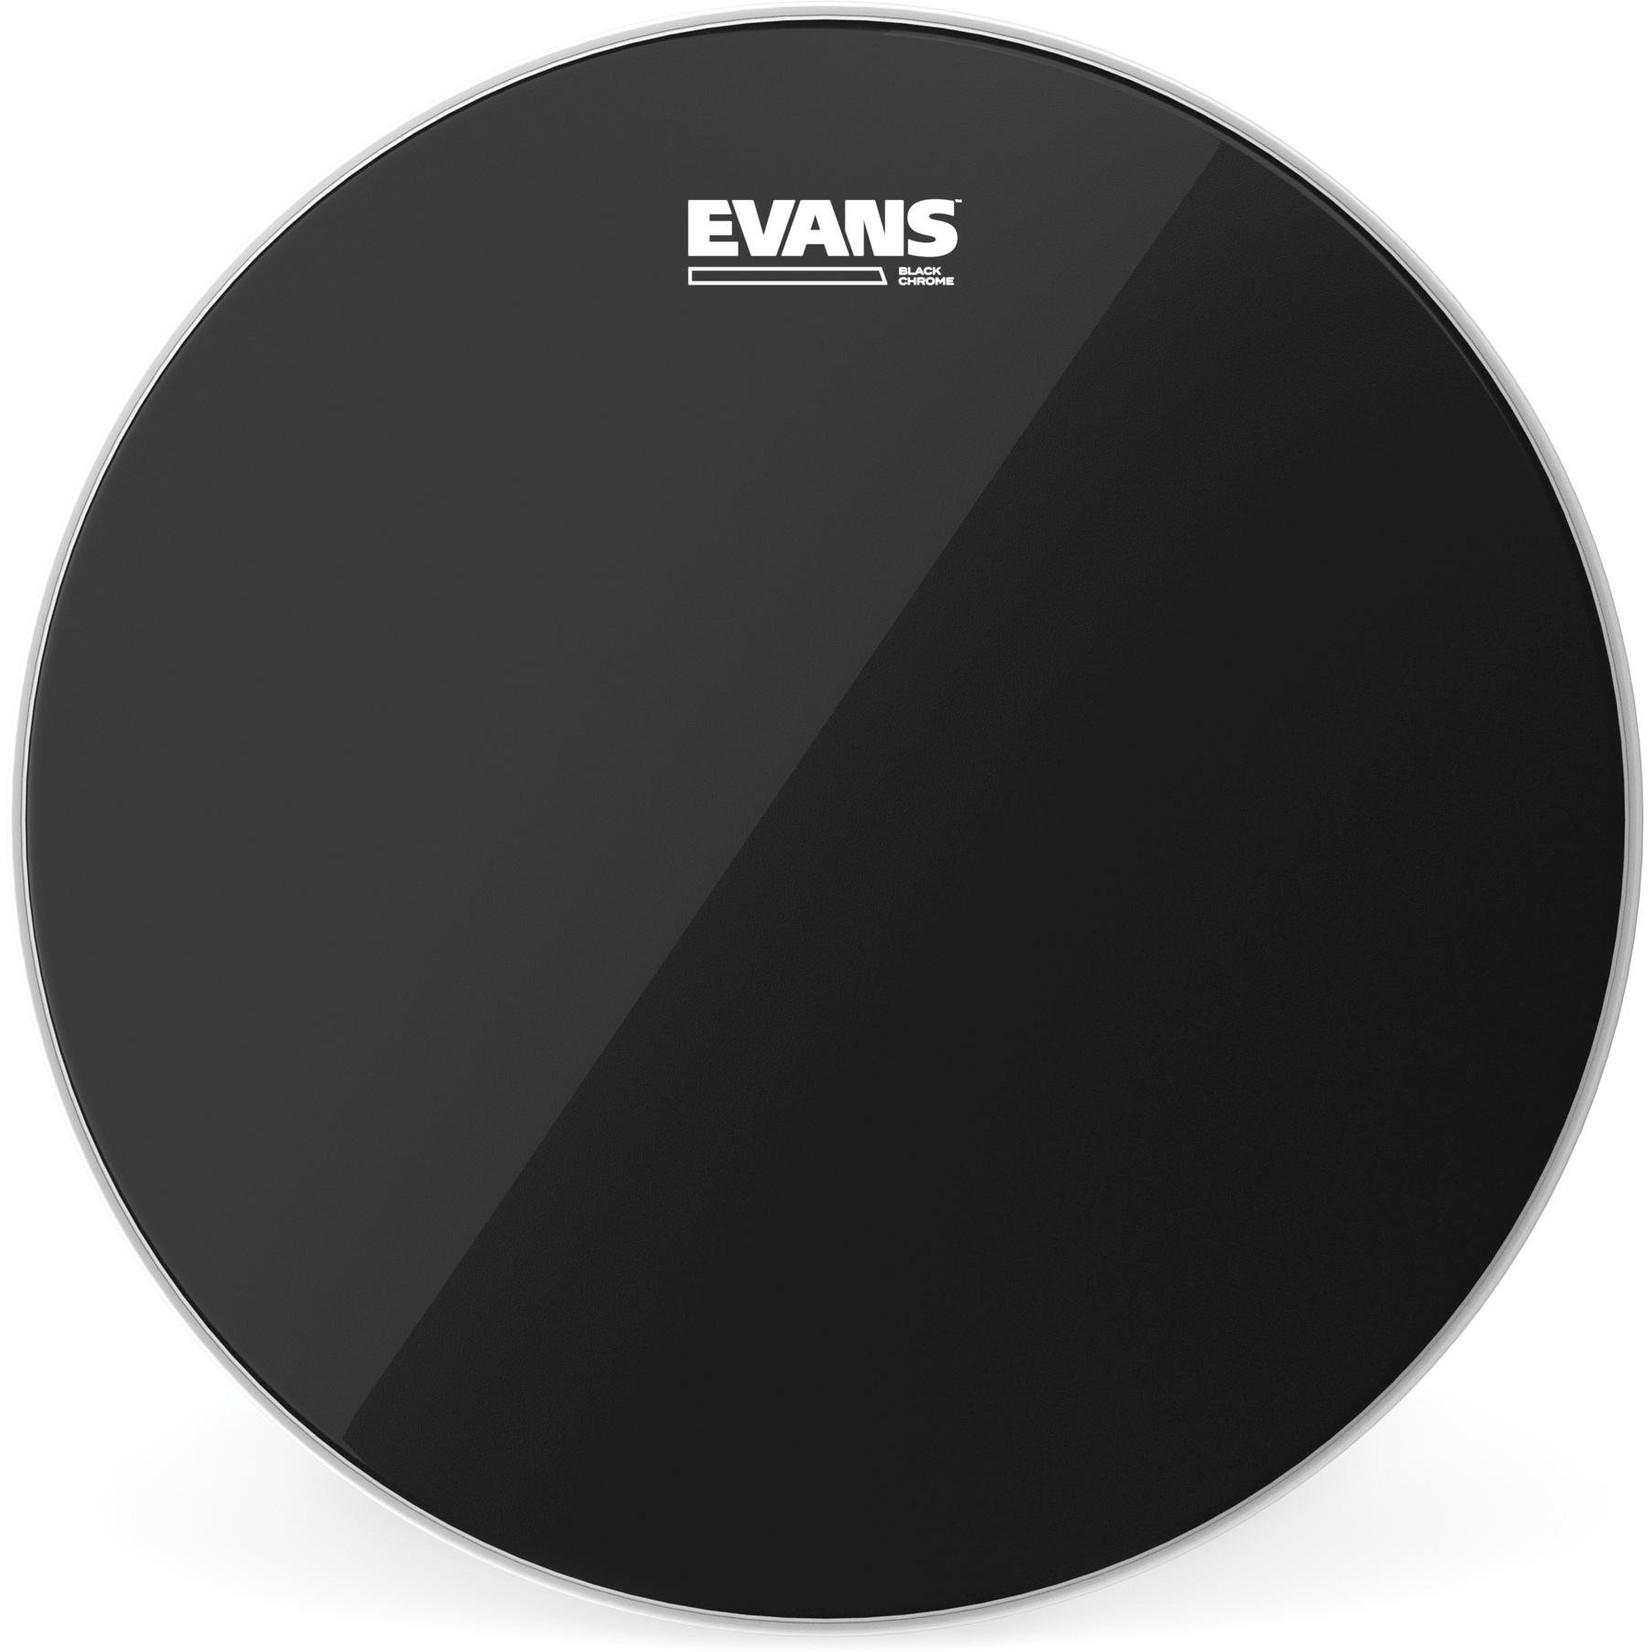 Evans Evans Black Chrome